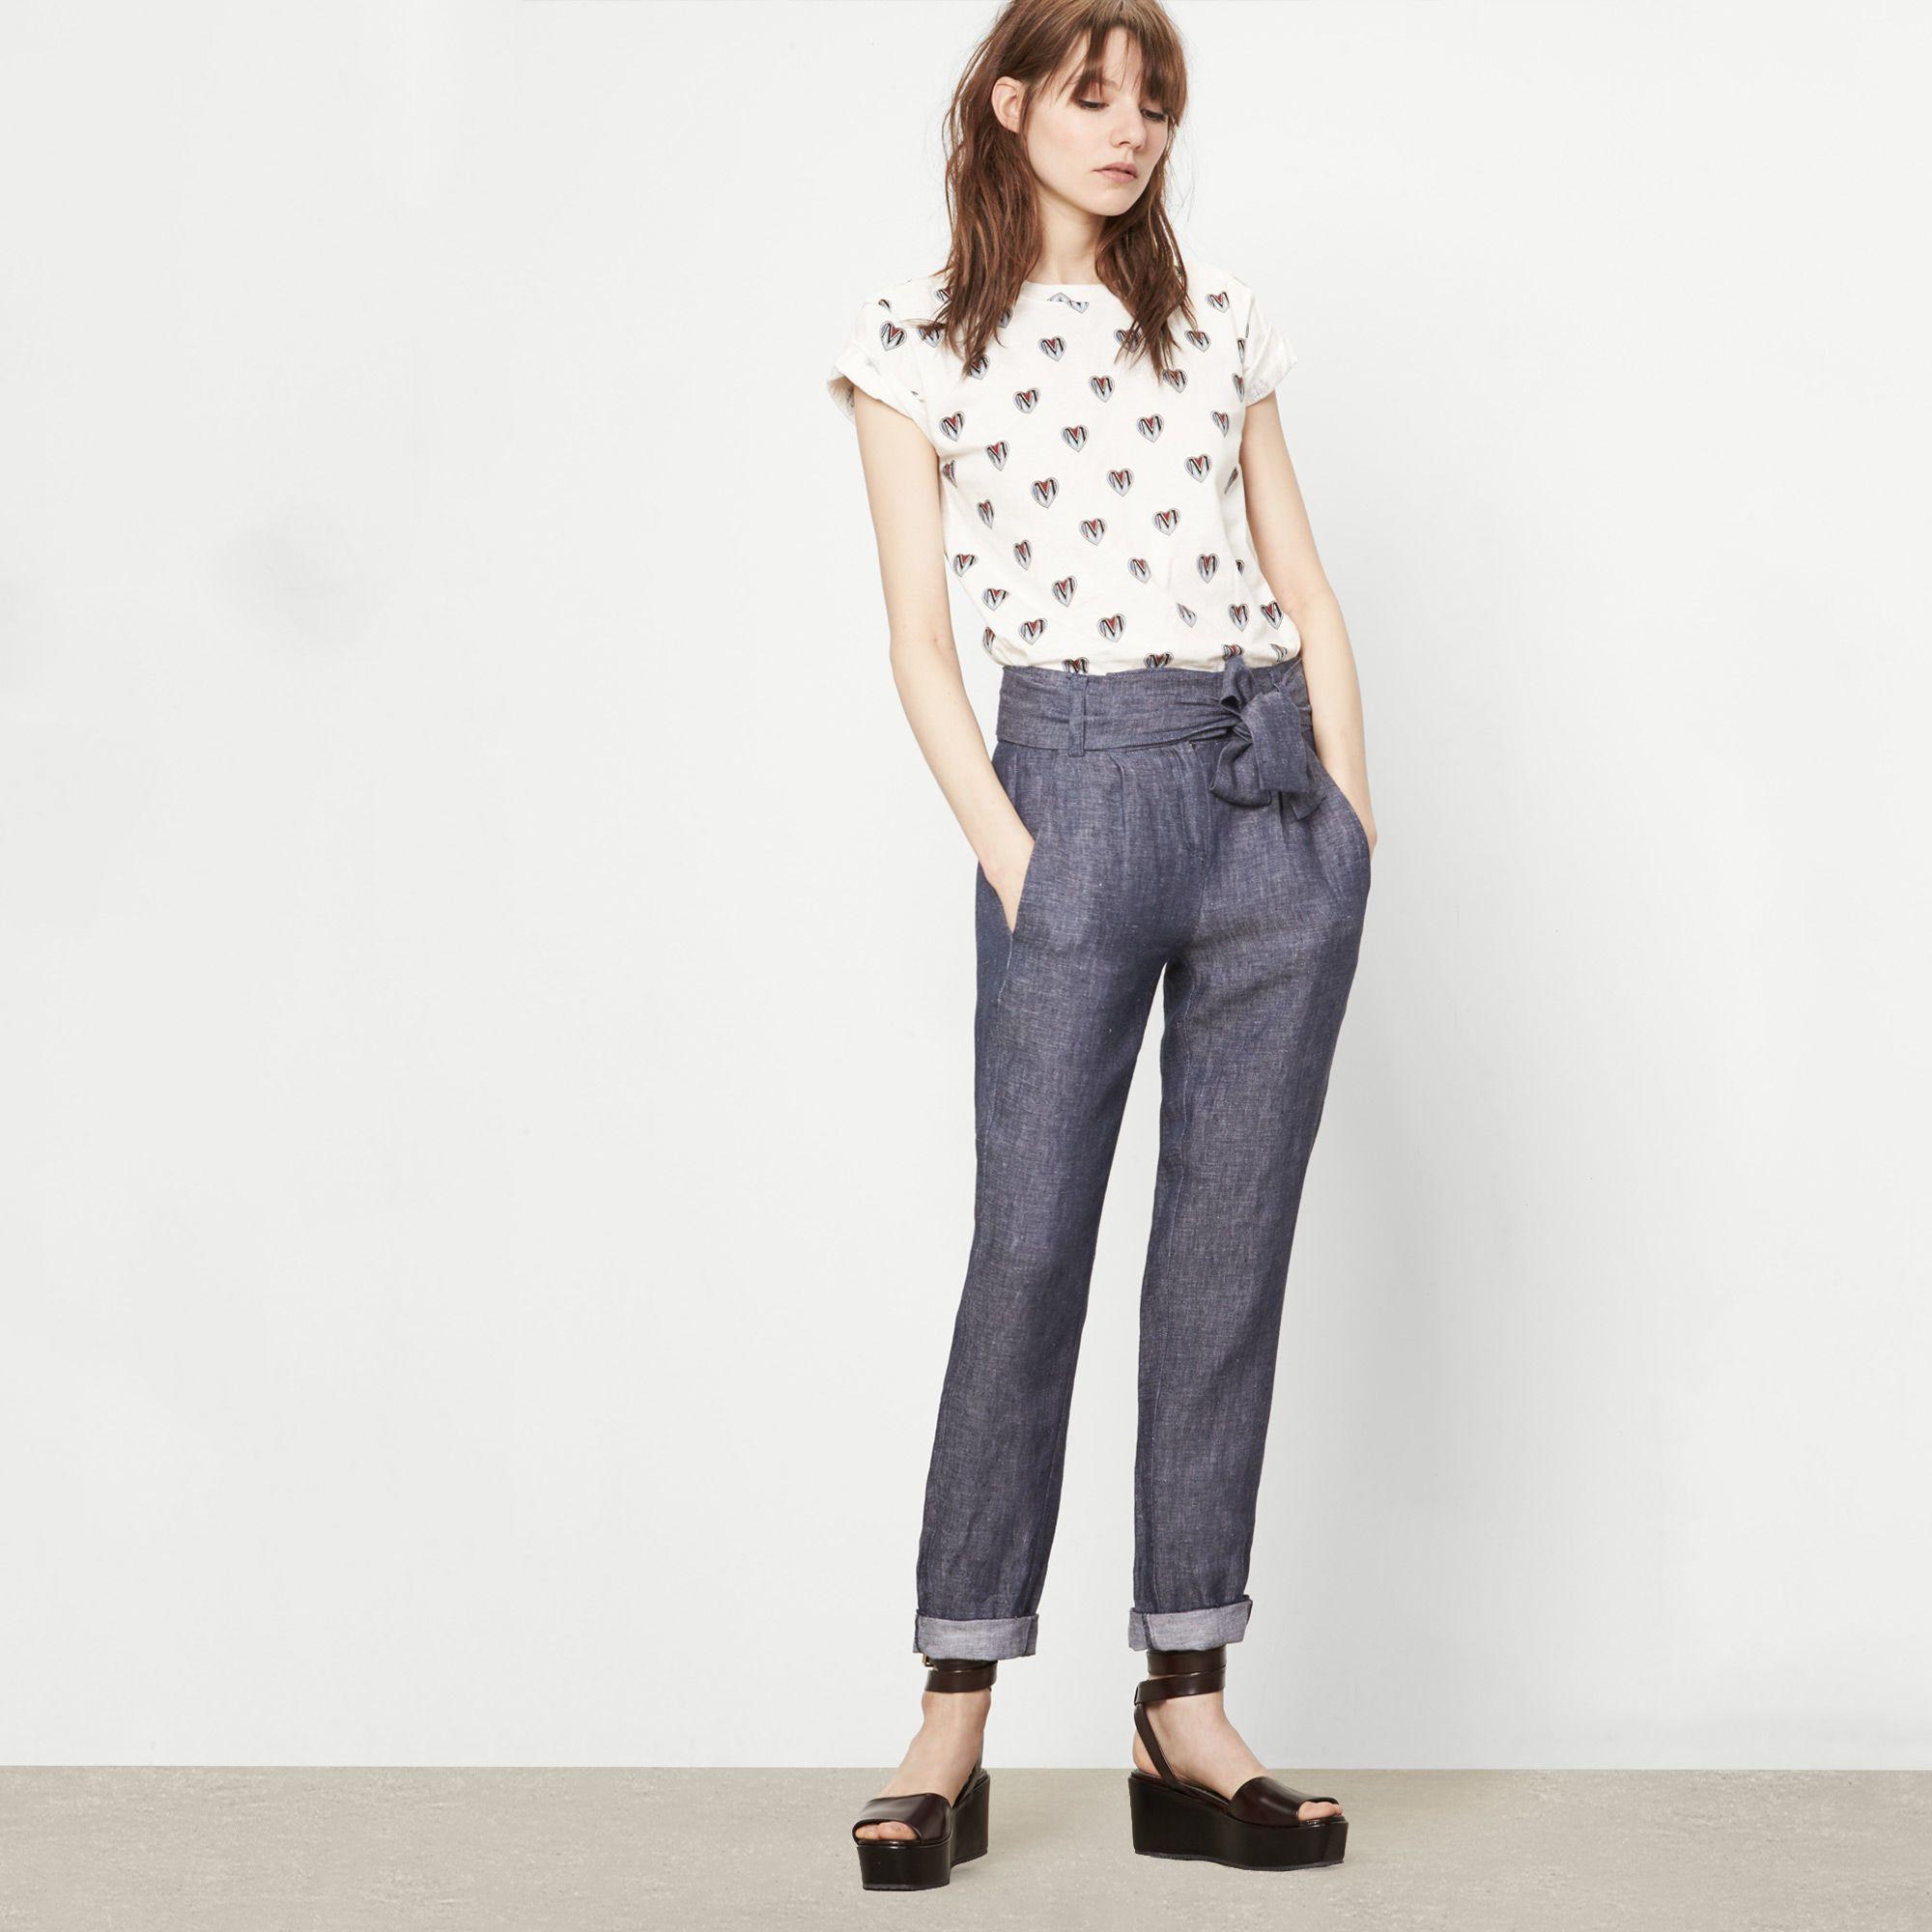 À MajeVêtements Parisien Et Pantalons Accessoires Porter UjLVpqSGzM